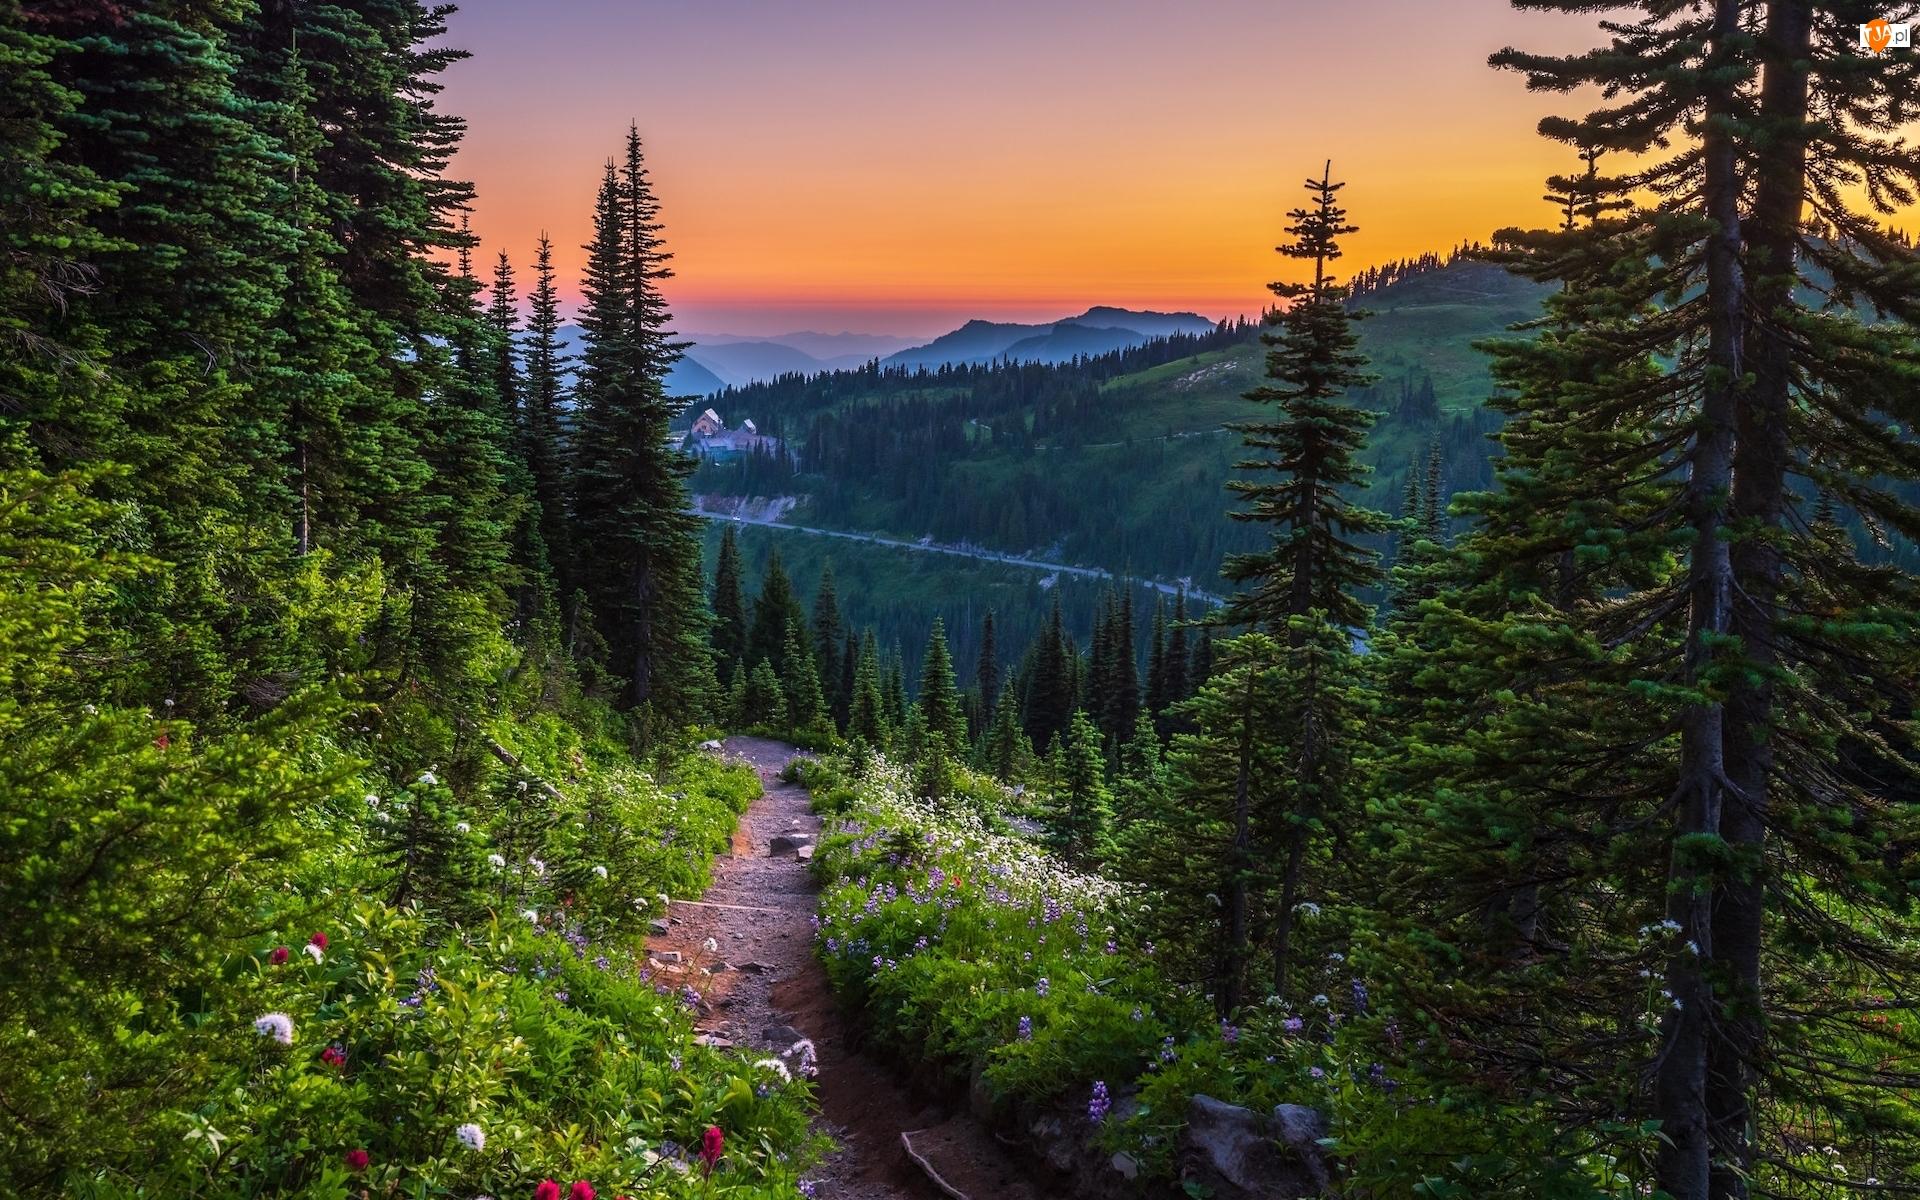 Stany Zjednoczone, Góry, Stan Waszyngton, Droga, Zachód słońca, Drzewa, Świerki, Park Narodowy Mount Rainier, Kwiaty